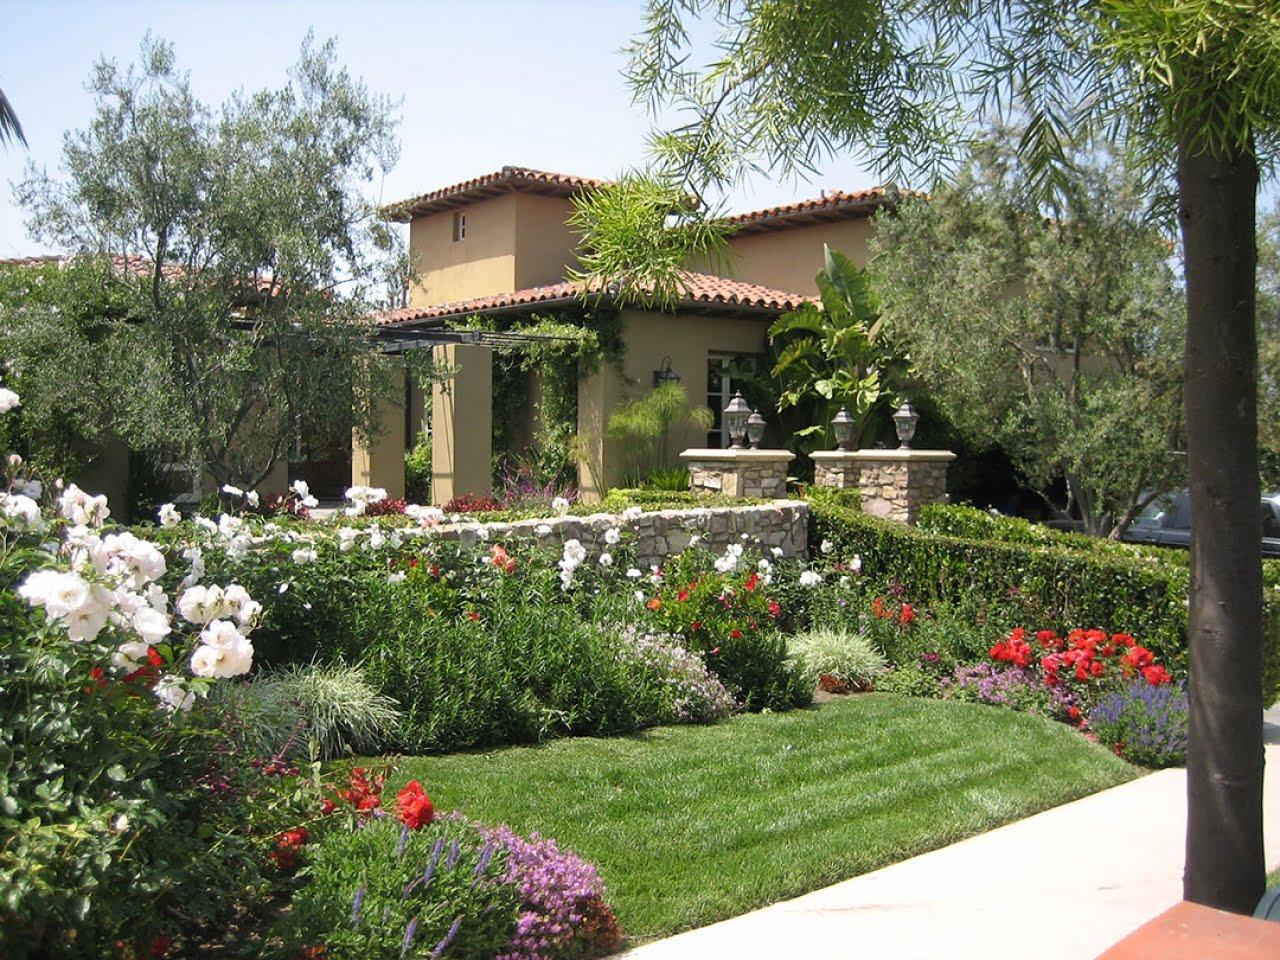 cách thiết kế sân vườn đẹp 05